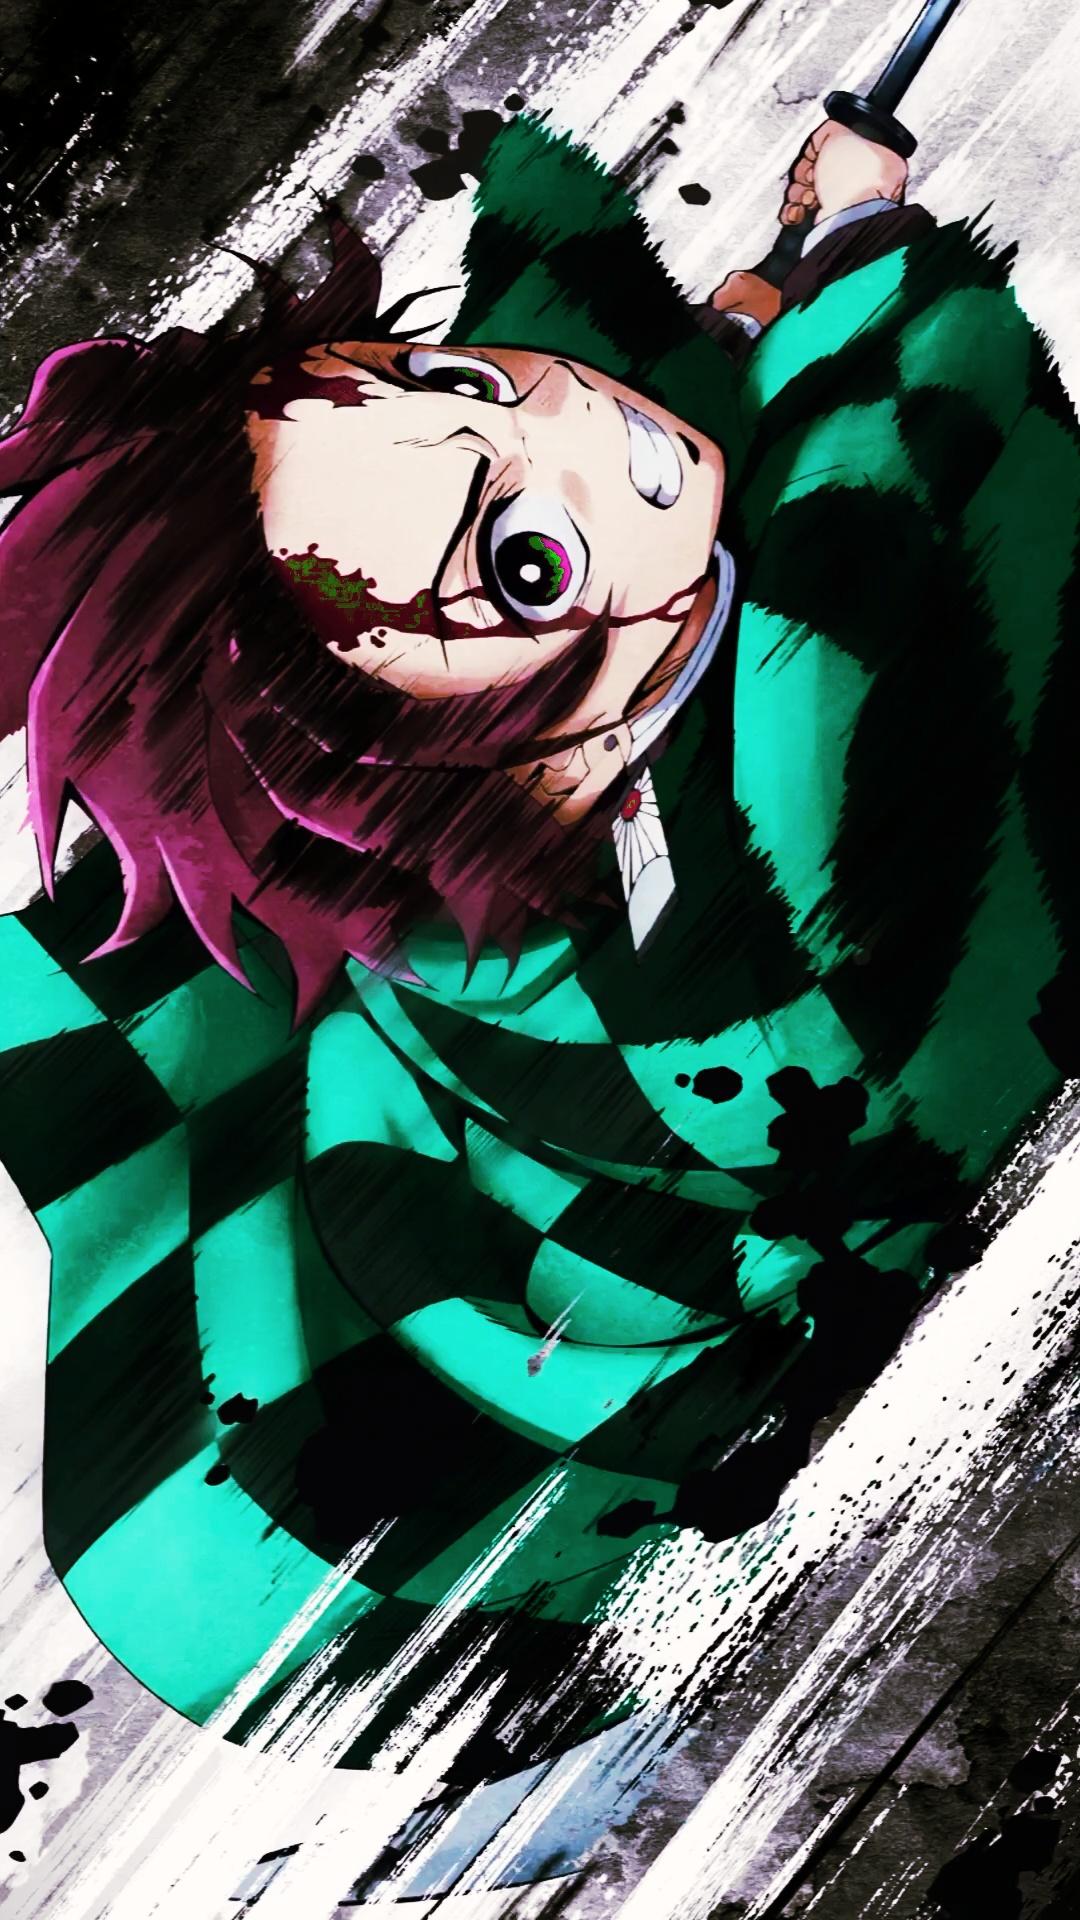 Anime Demon Slayer Kimetsu No Yaiba 1080x1920 Wallpaper